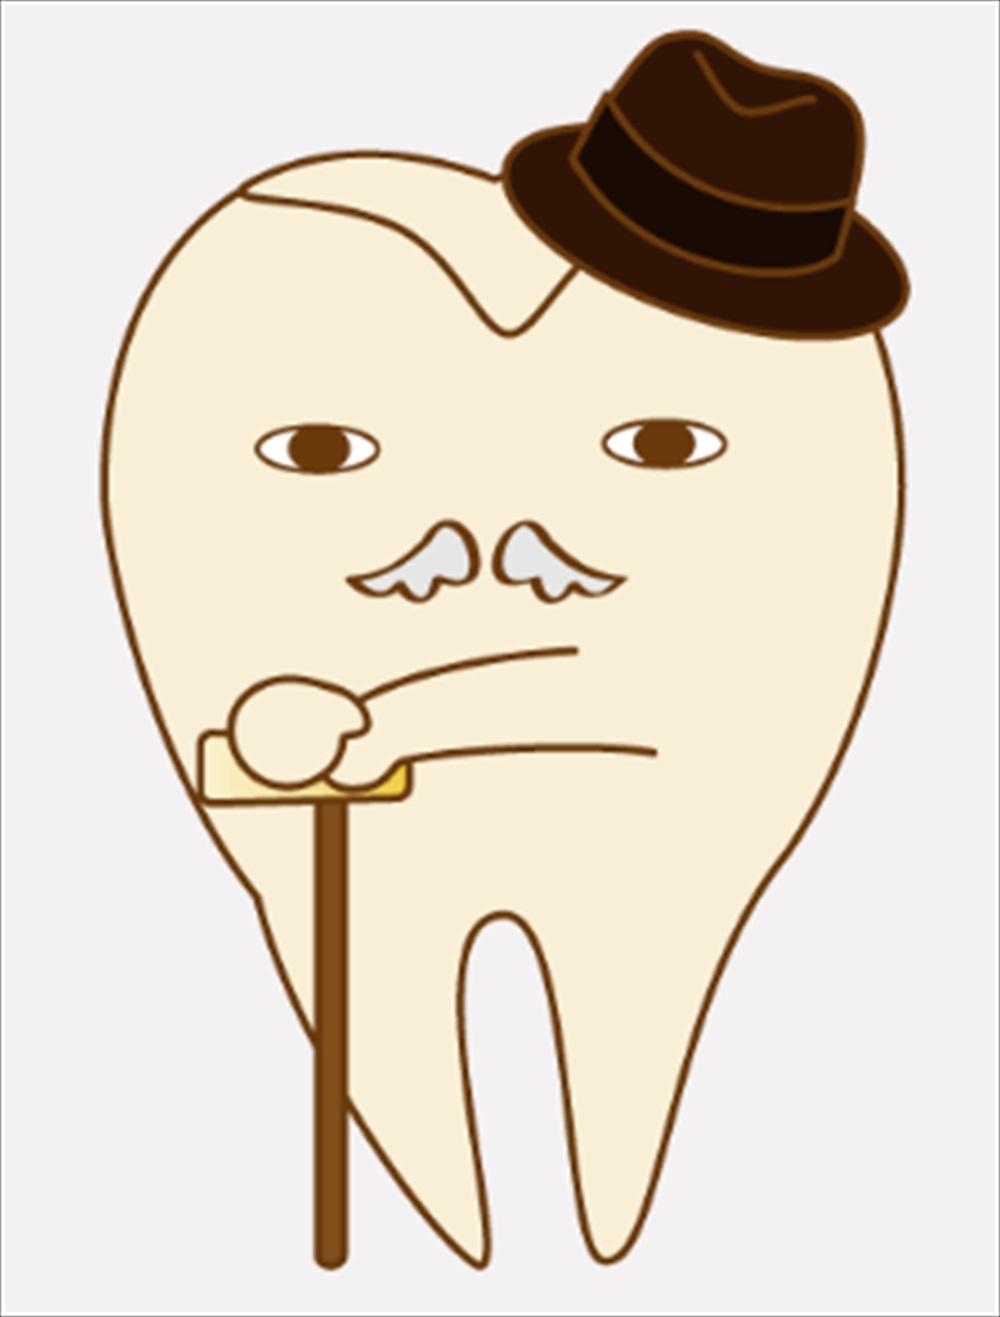 歯医者さんが教える良い歯医者って?②